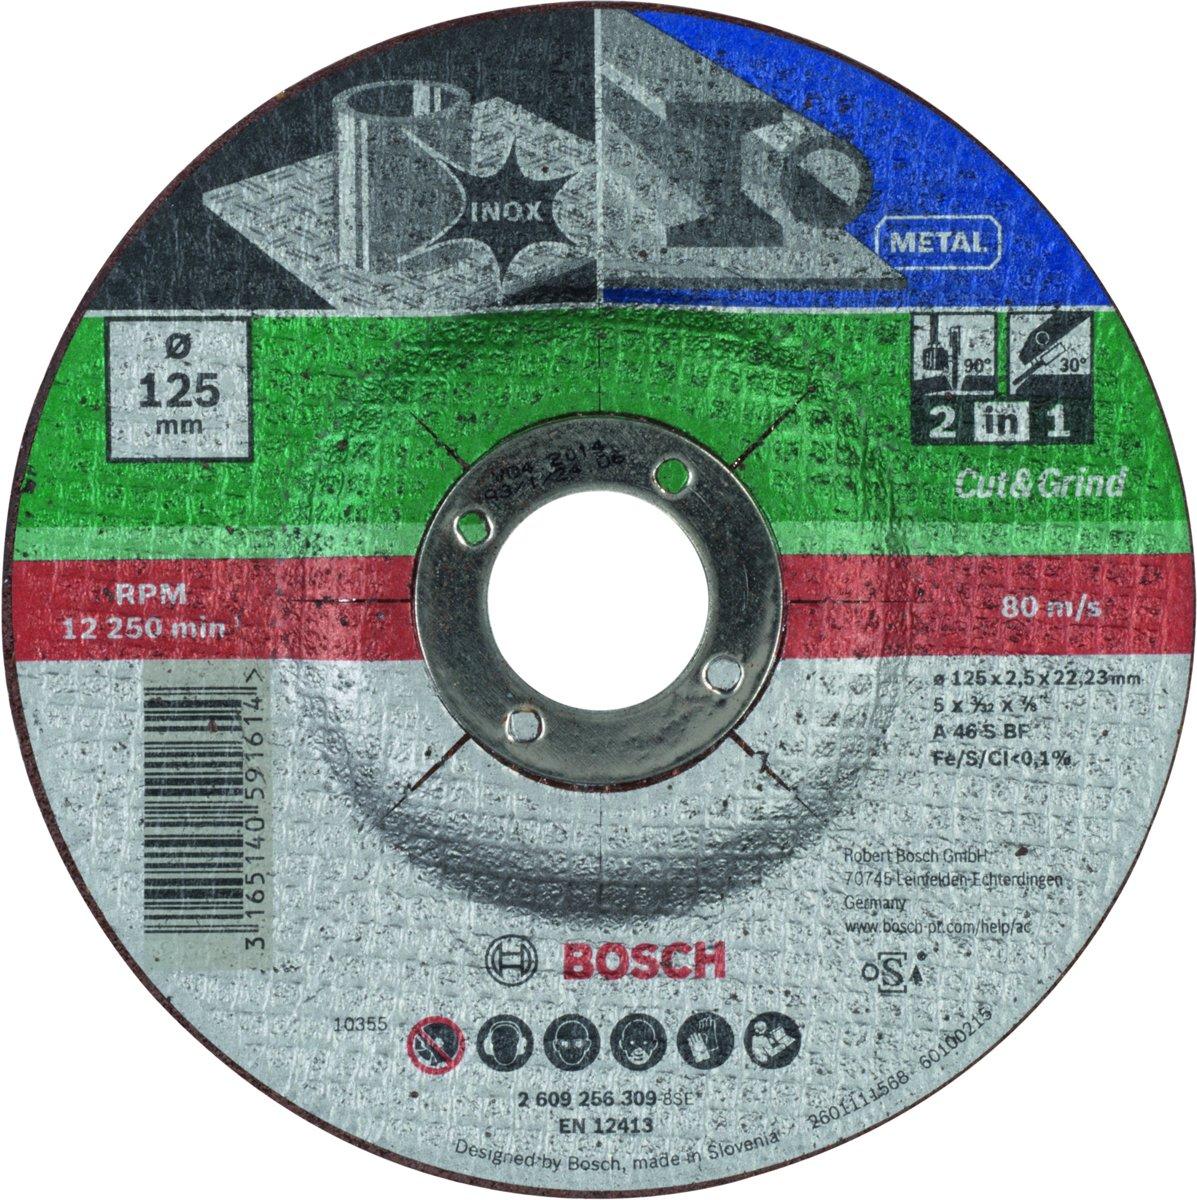 Bosch 3 in 1 slijpschijf - Voor Metaal + inox - 125 x 2,5 mm - gebogen kopen